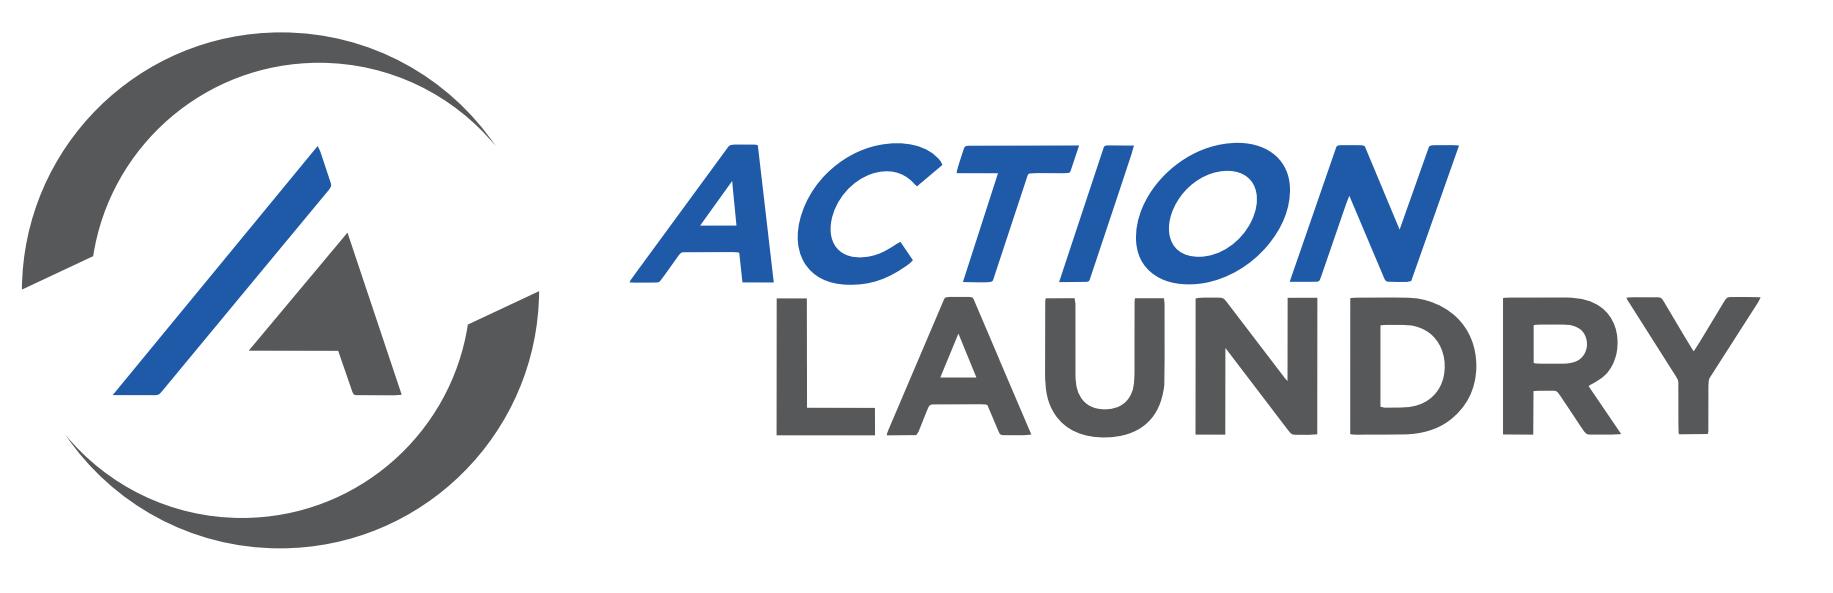 Action Laundry Logo